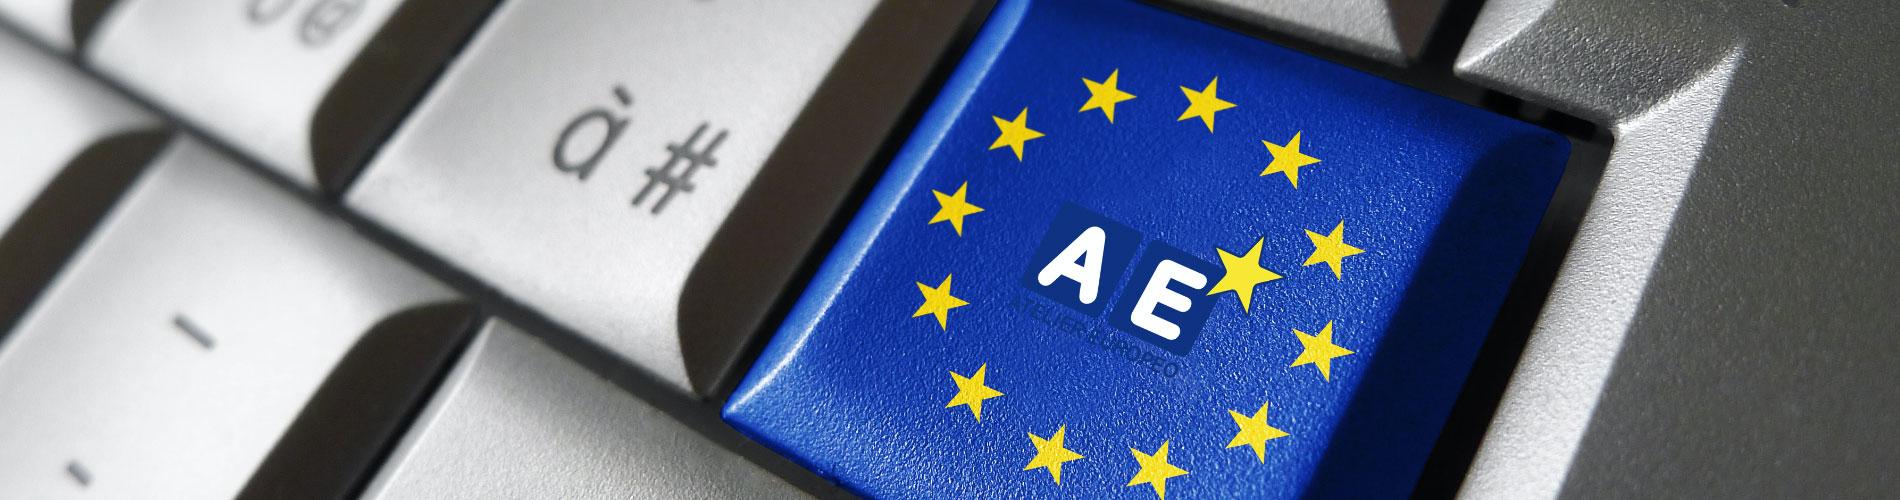 Atelier al lavoro per l'inclusione sociale e i servizi alla persona: aperte importanti opportunità di finanziamenti nazionali ed europei.